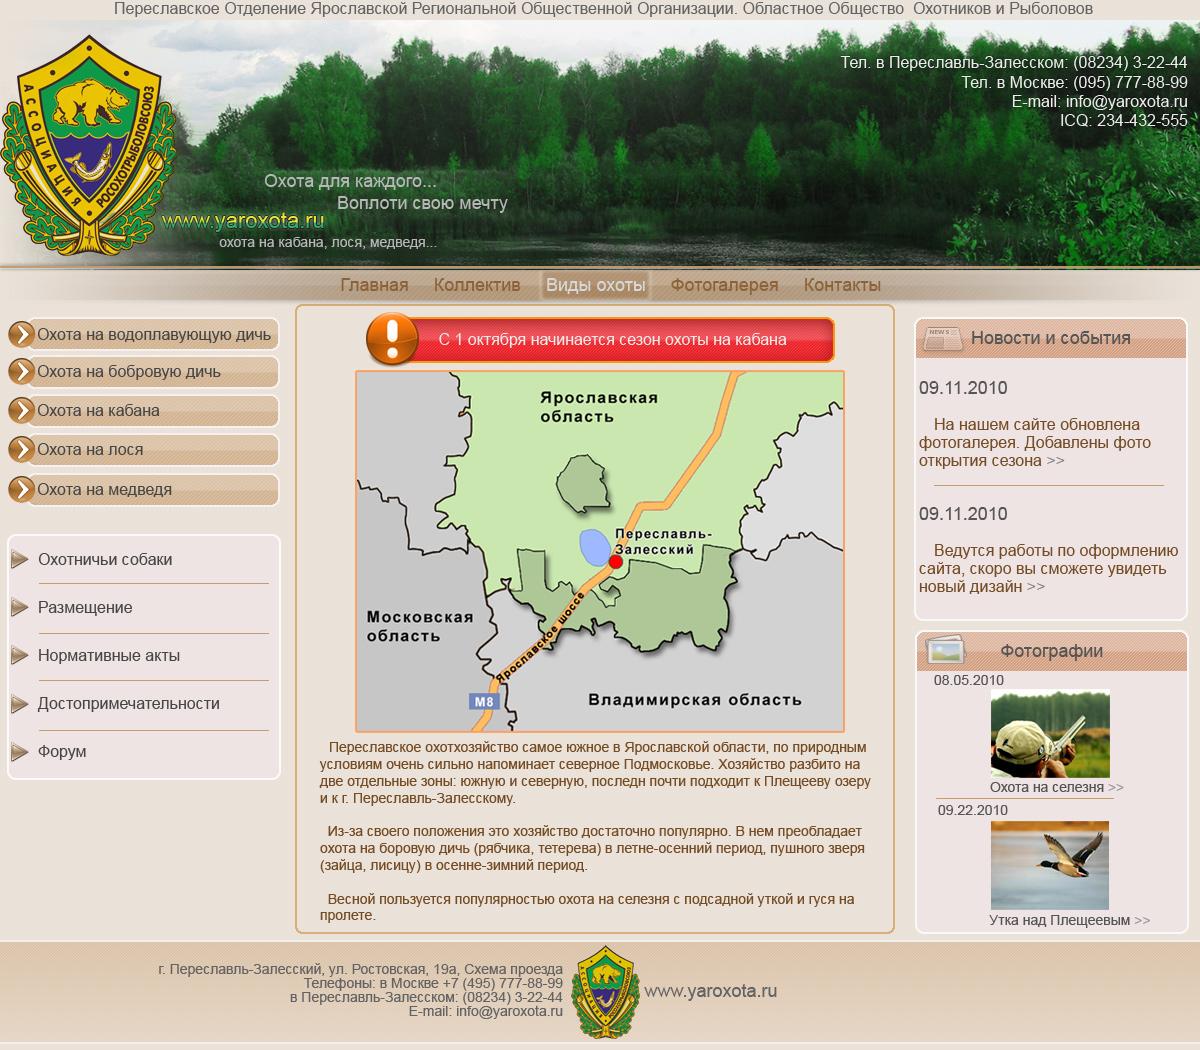 Волгоградское областное общество охотников и рыболовов адрес